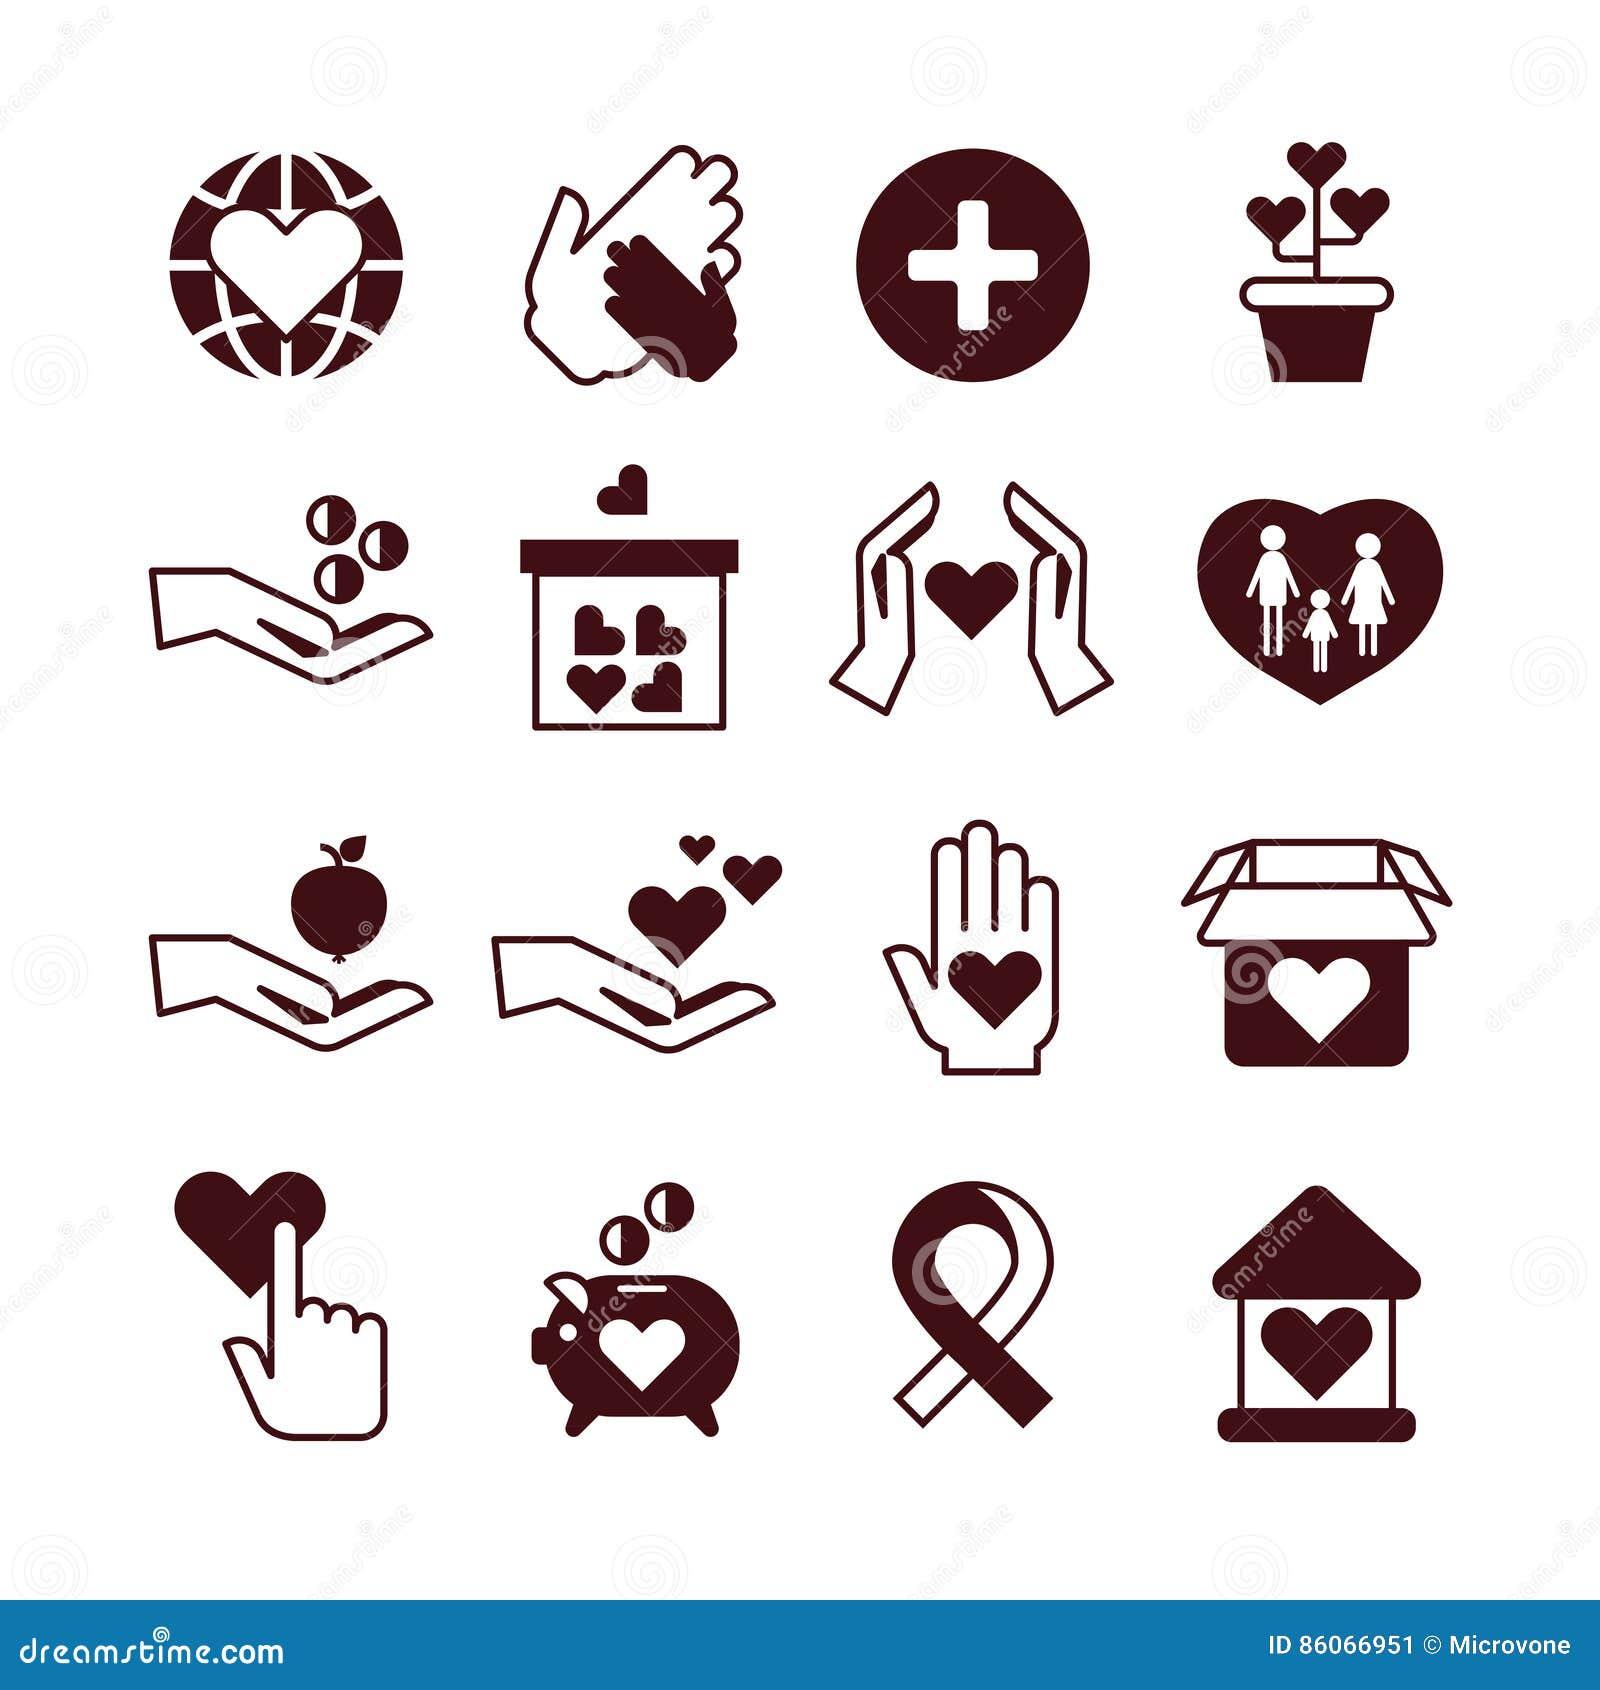 Nächstenliebehände, Sorgfalt und Schutz, Mittelbeschaffungsservice, Spende, gemeinnützige Organisation, Neigungsvektorikonen